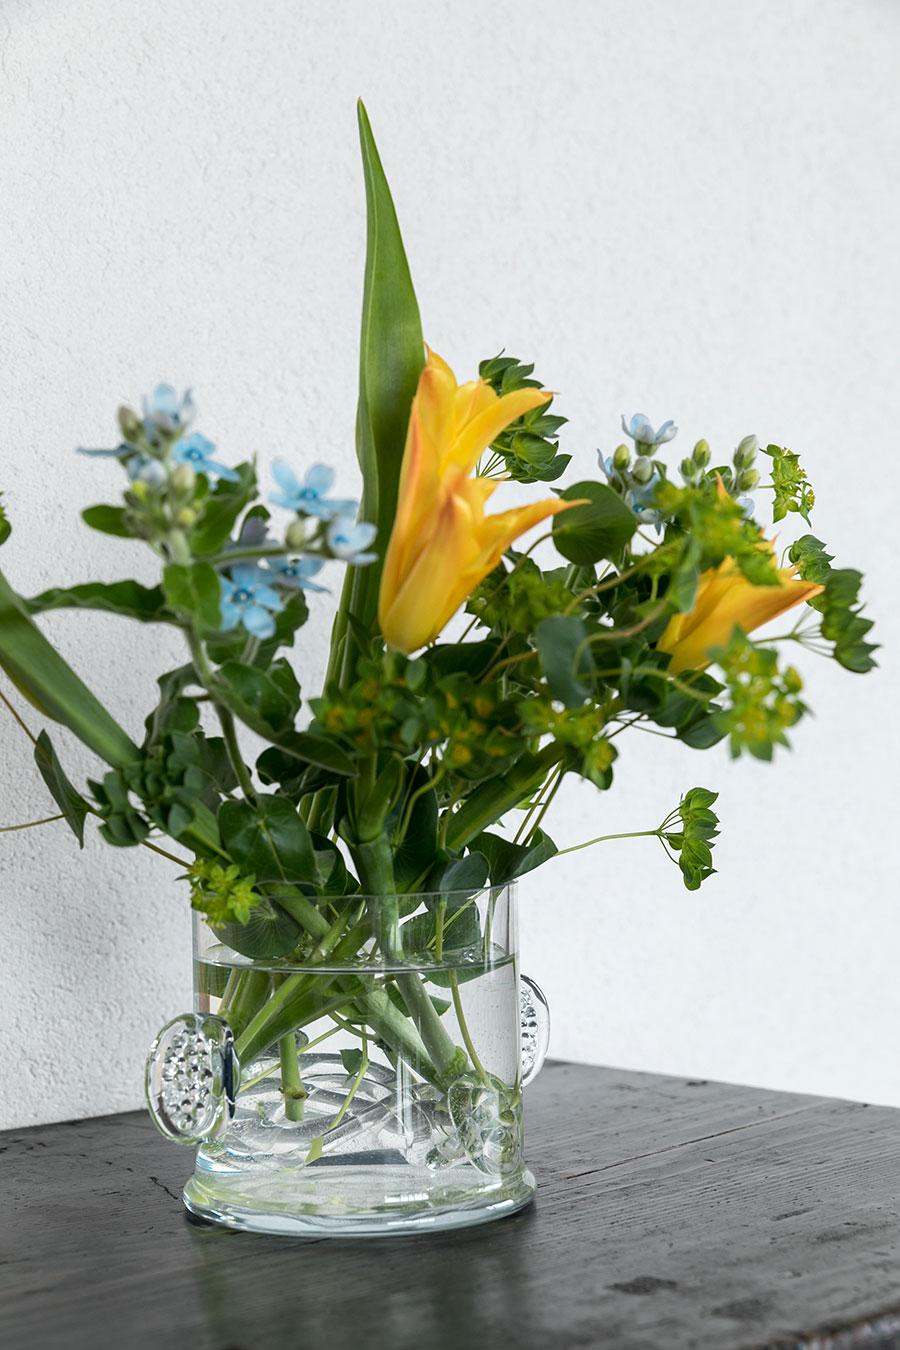 お客様を迎える日は必ずお花も準備する。ガラスの花瓶は北欧のヴィンテージ。器の中に入れたガラスの花留めは神戸の『モリス』で購入。